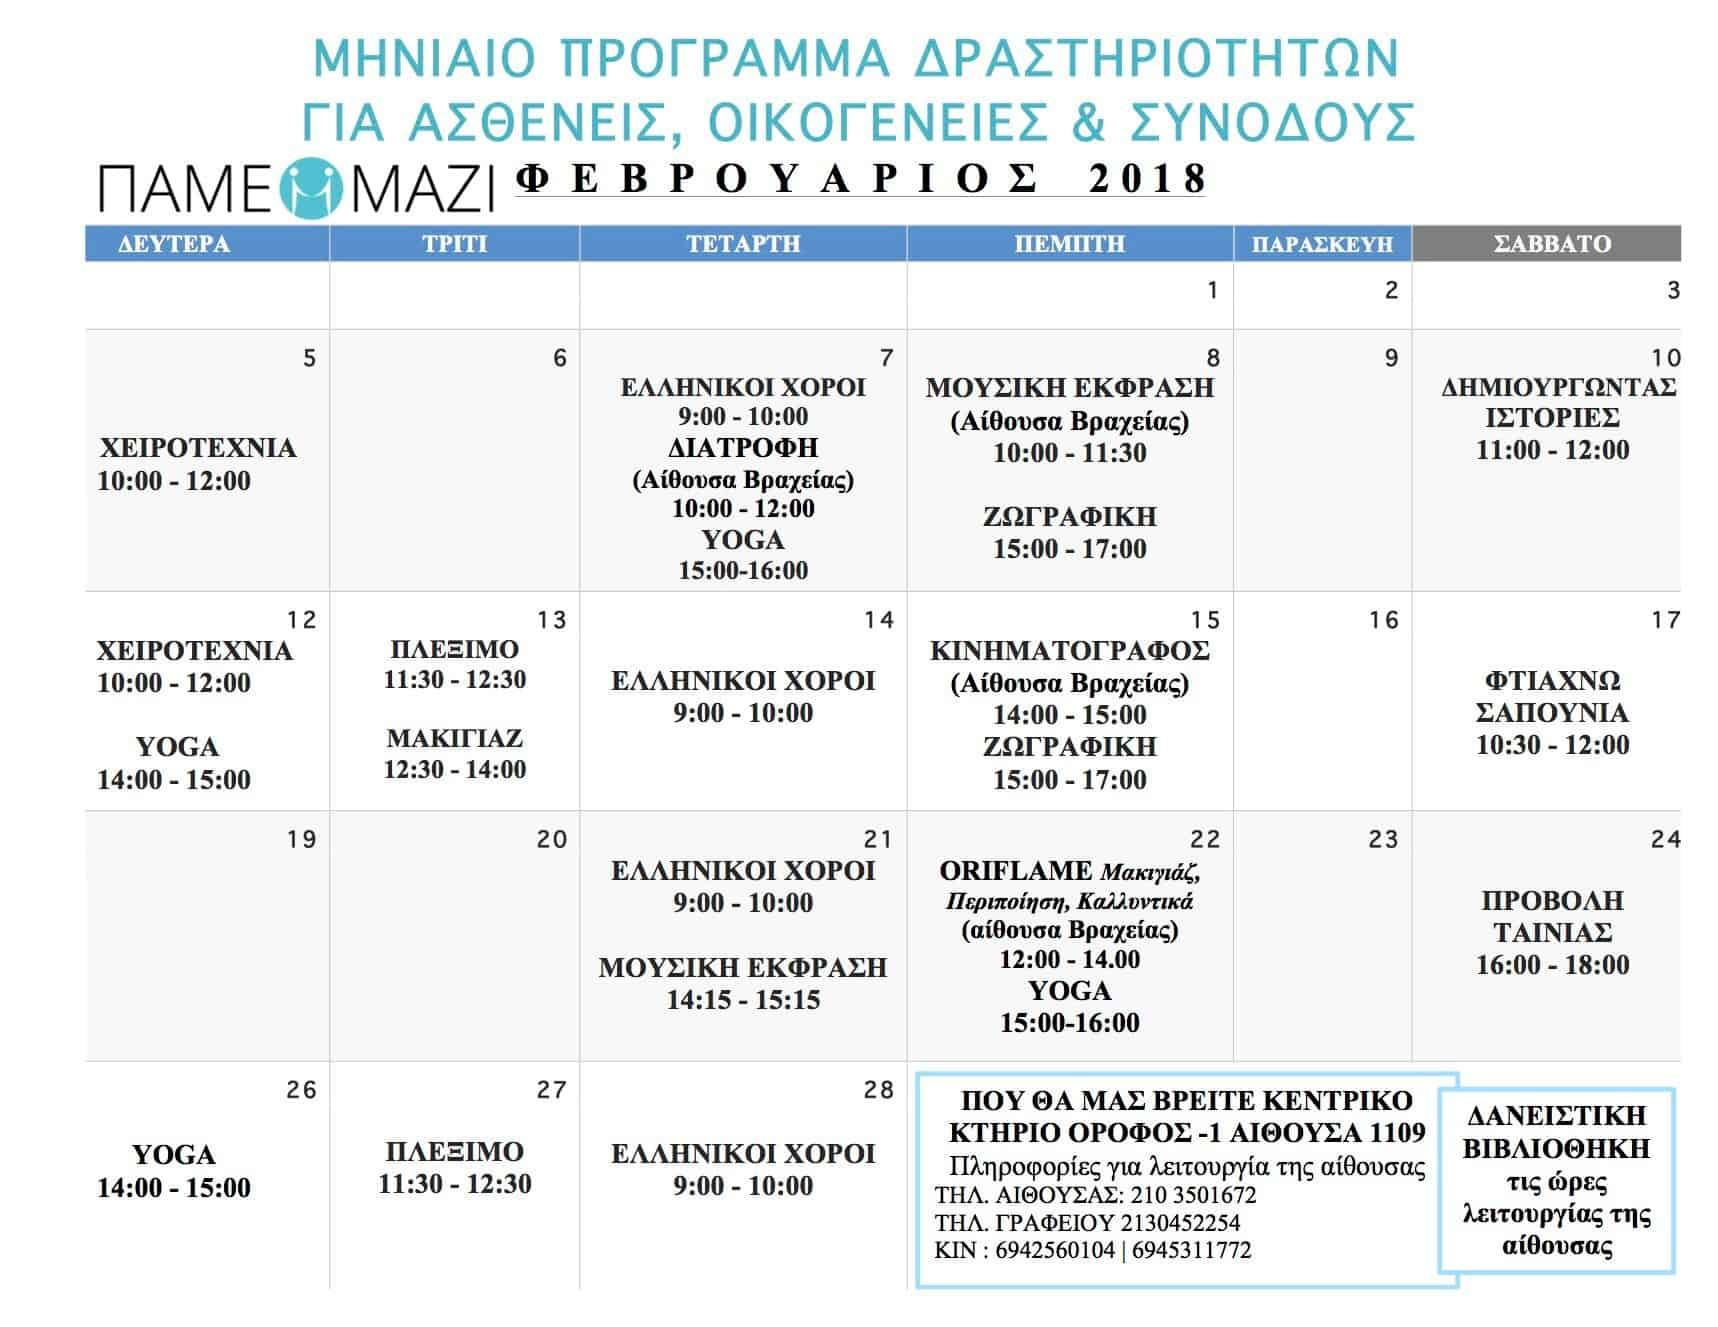 Πρόγραμμα Φεβρουαρίου 2018